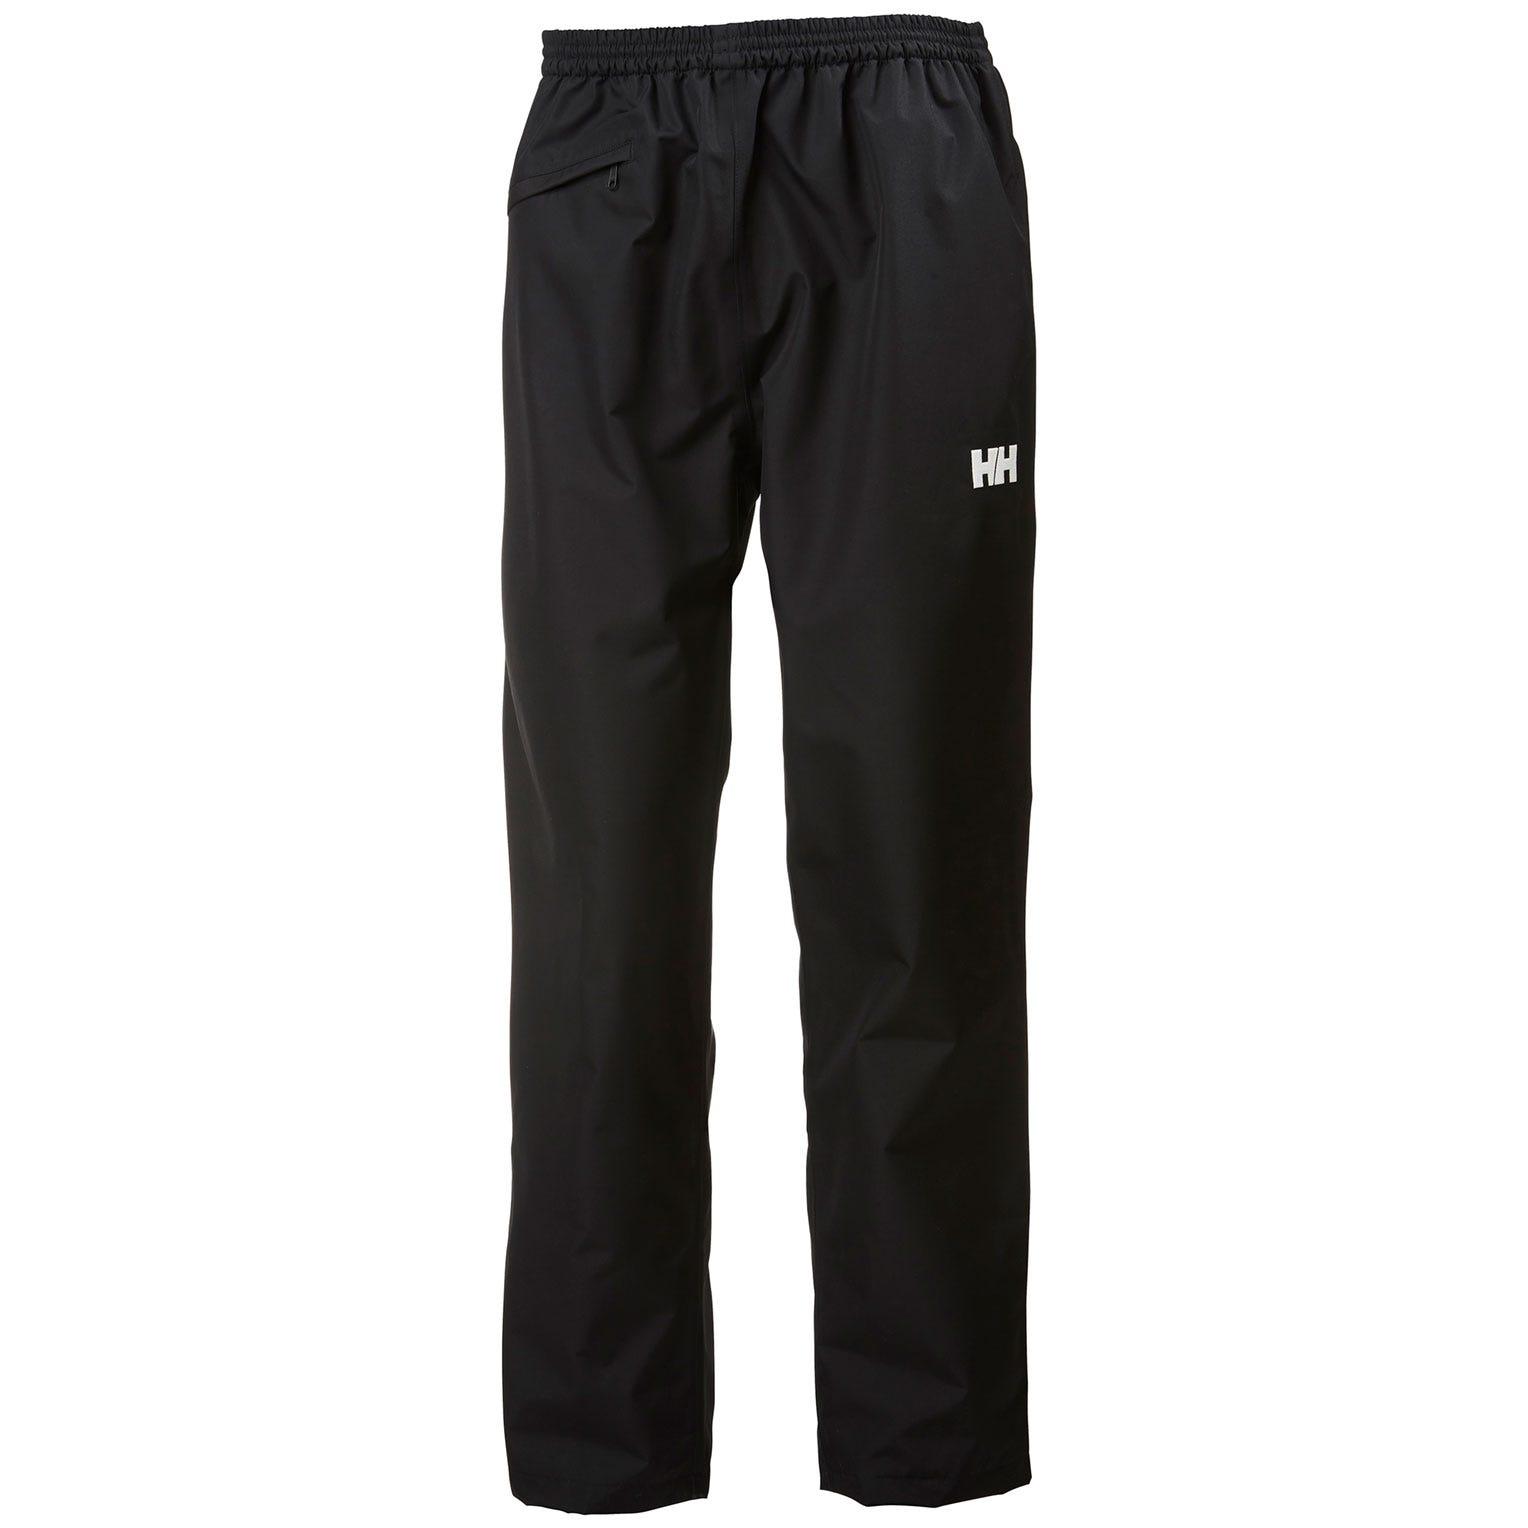 Mens Dubliner Waterproof Shell Trousers | Uk Helly Hansen Mens Rain Trouser Black S